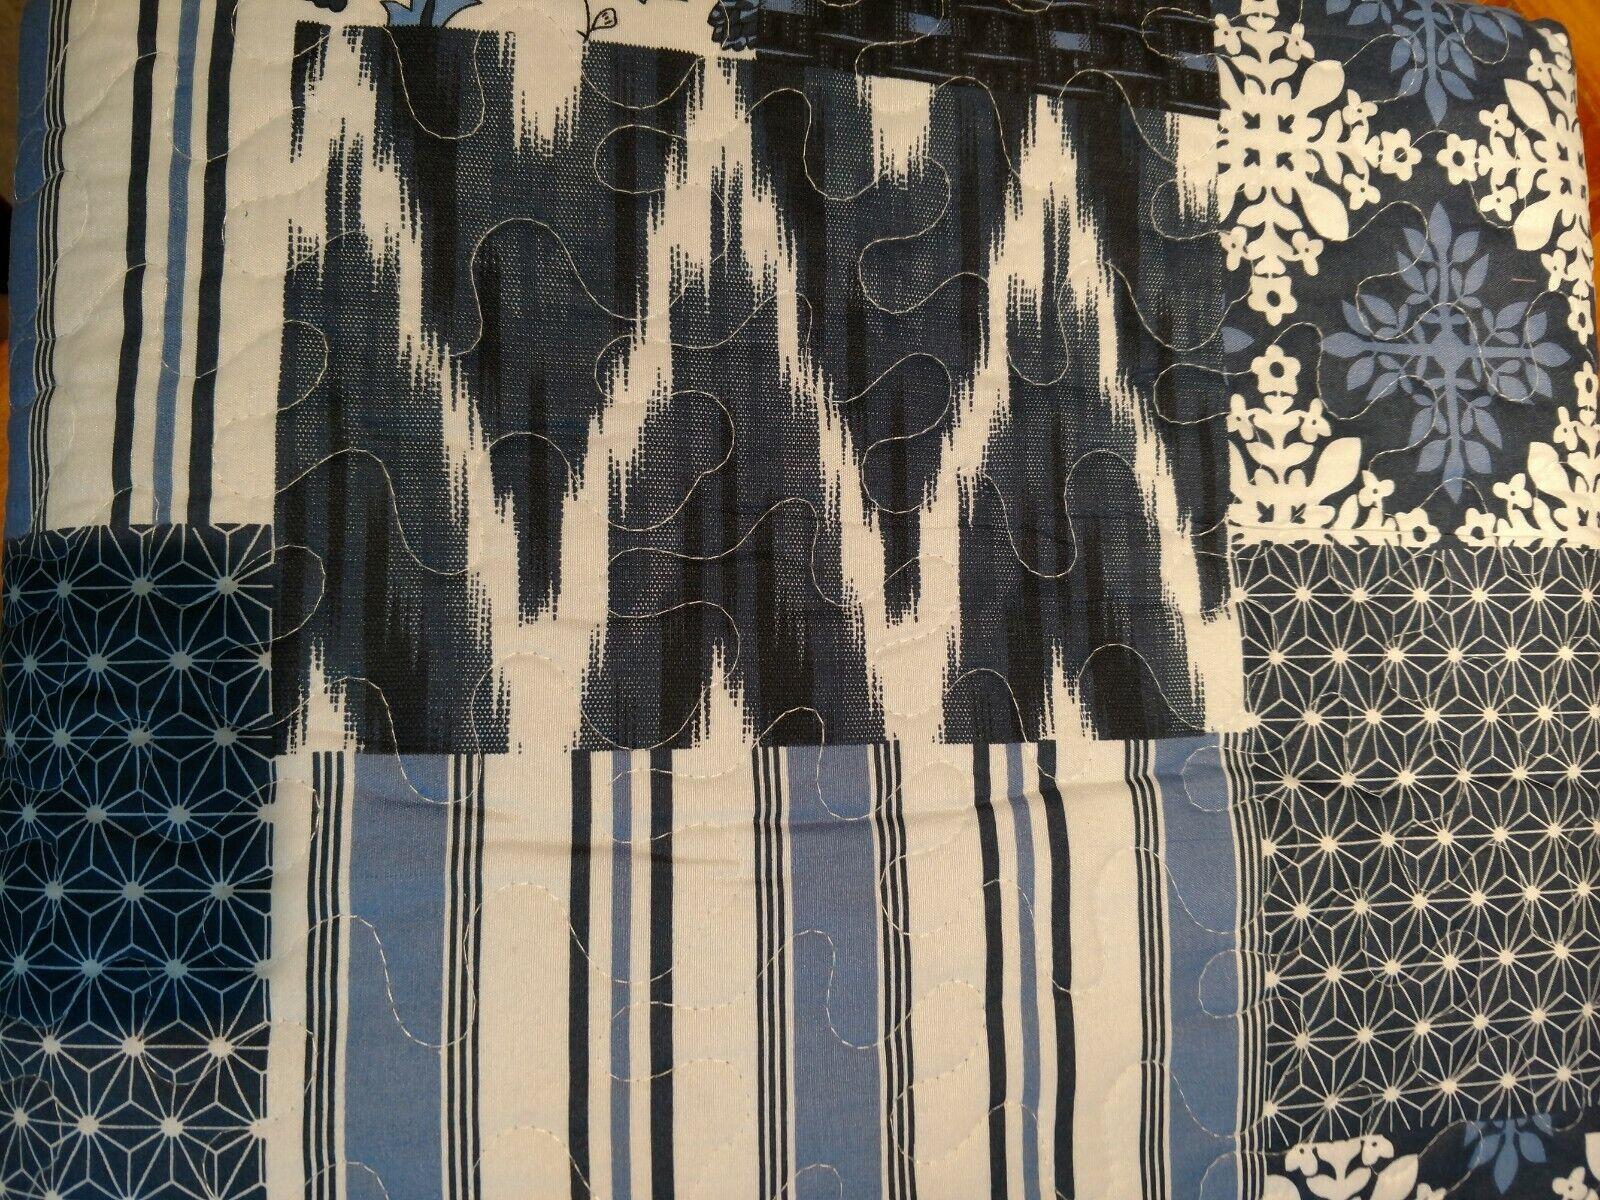 Denim blu Farmhouse Patchwork Floral Bedspread Set - Cotton Bohemian - QUEEN